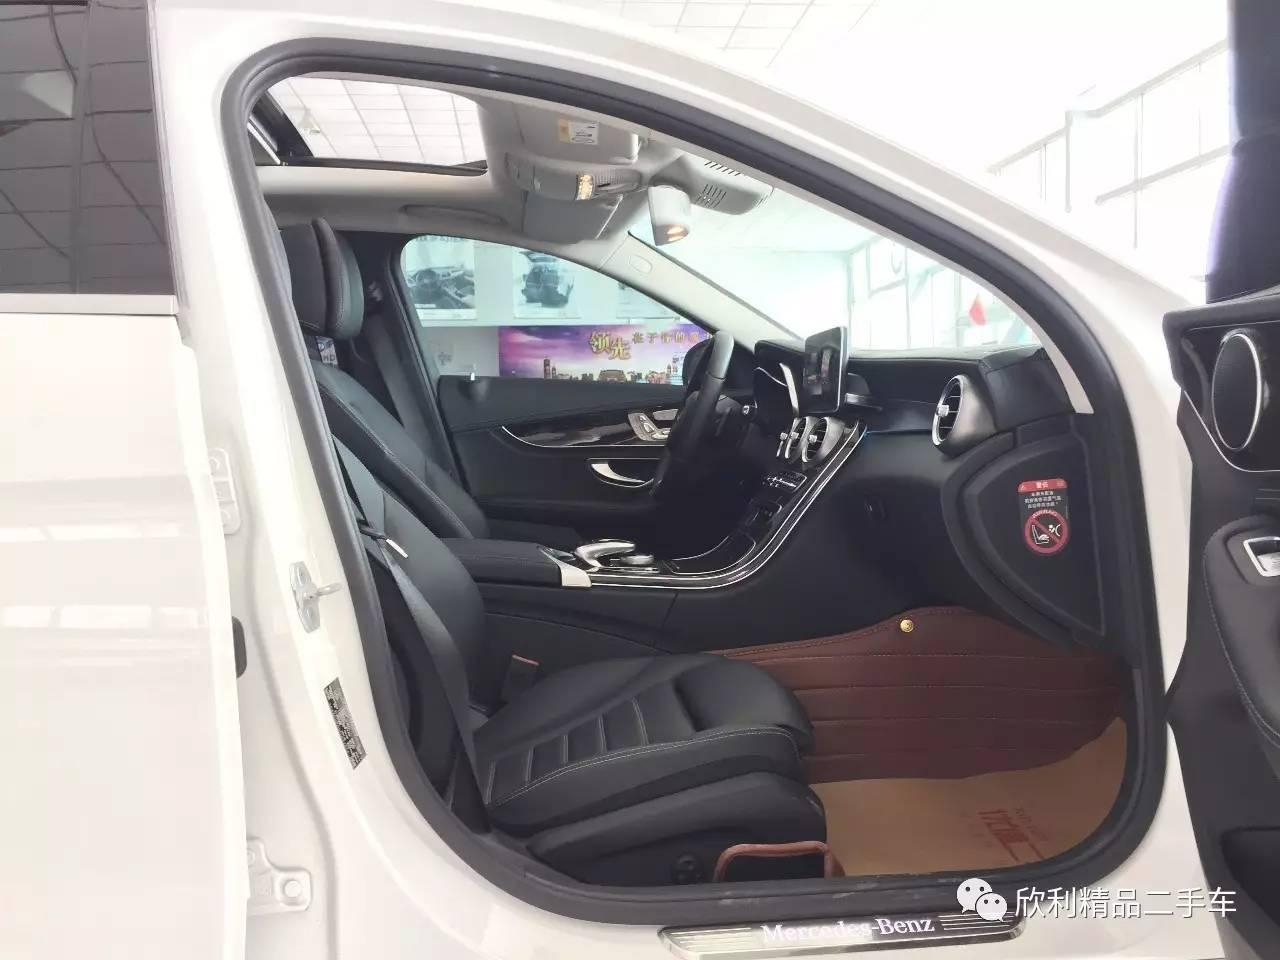 前/后电动车窗,车窗防夹手功能,防紫外线/隔热玻璃,后视镜电动调节,内